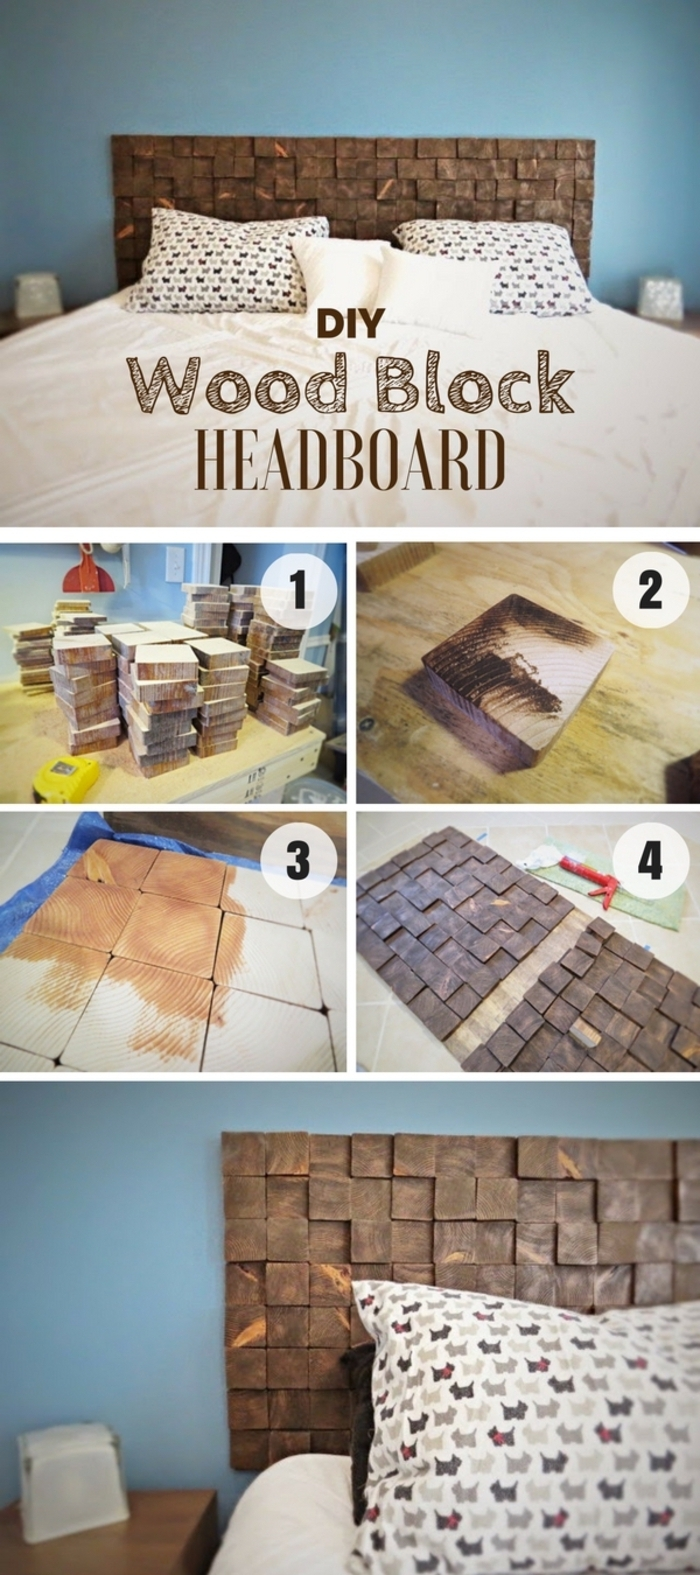 un tuto tete de lit originale réalisé en pavés de bois repeint pour donner un accent moderne à la chambre à coucher